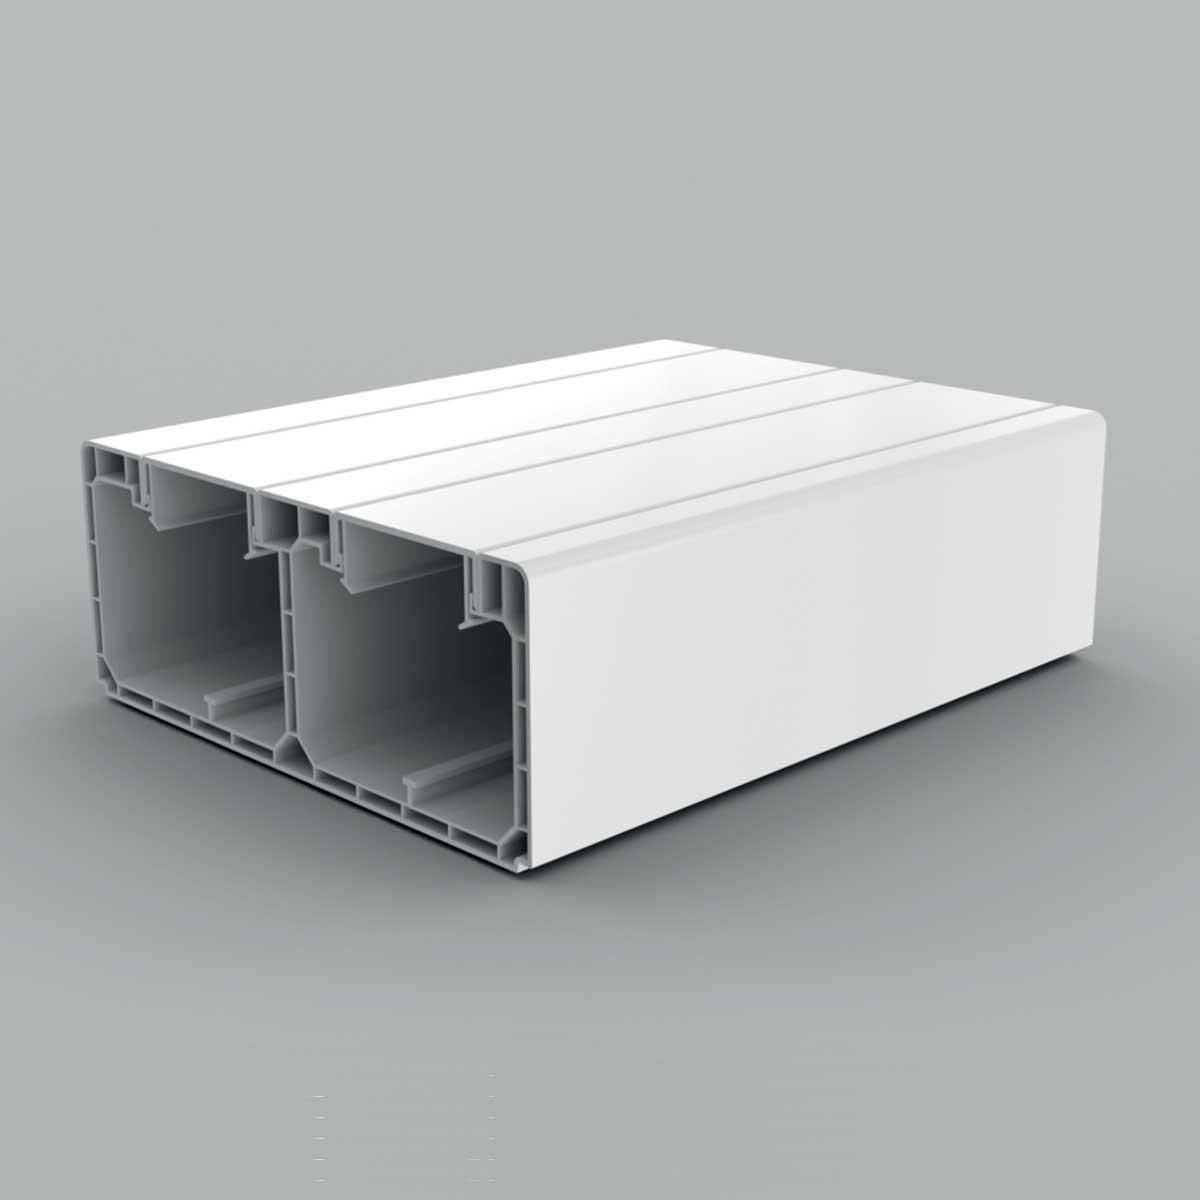 Кабельний канал парапетний білого кольору  160х65мм; Серія PK; ПВХ